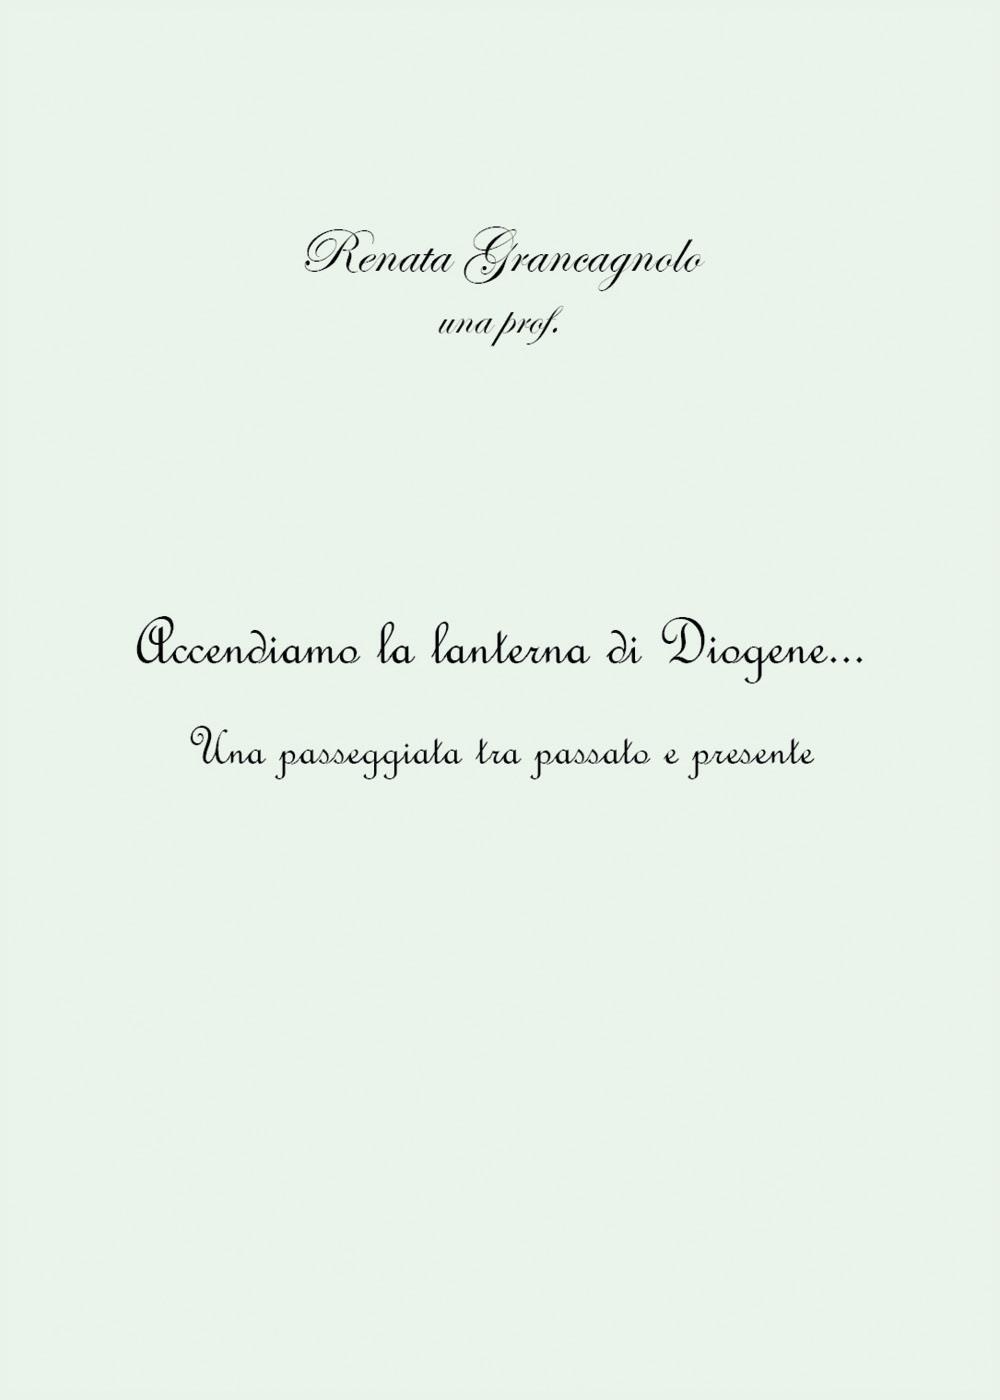 Accendiamo la lanterna di Diogene... una passeggiata tra passato e presente